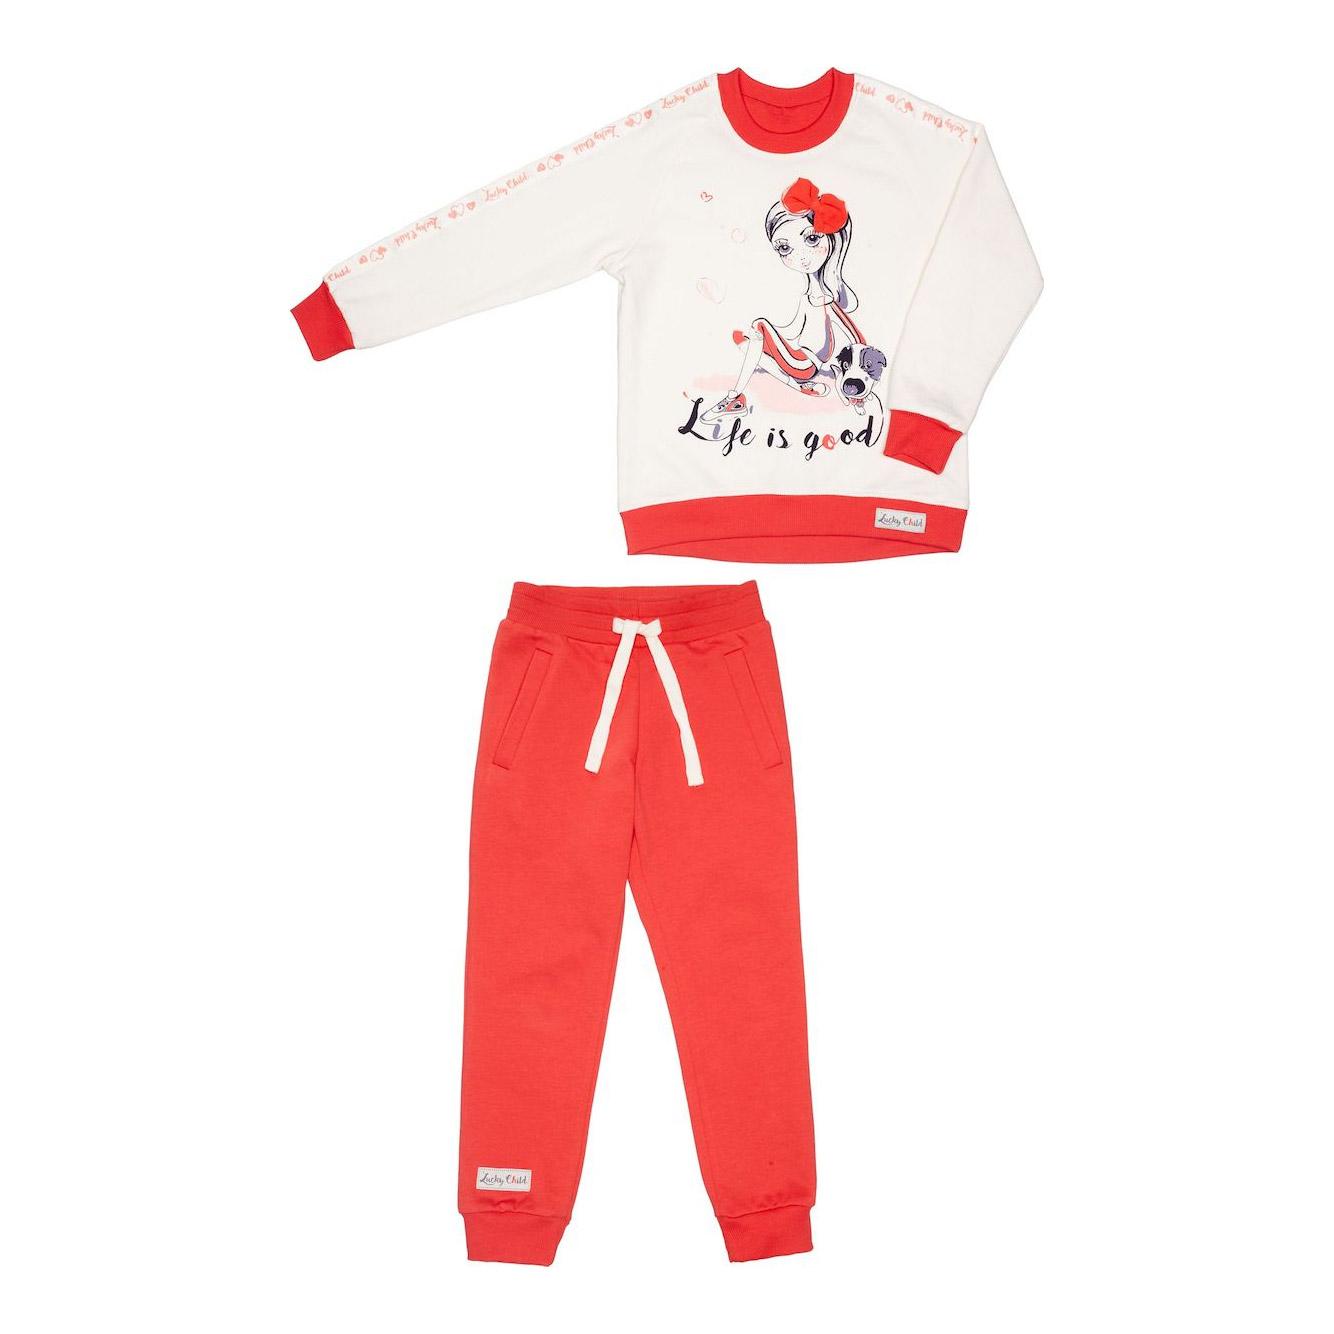 Фото - Спортивный костюм Lucky Child: толстовка и брюки коралл/молочный 116-122 спортивный костюм lucky child sport куртка и брюки 86 92